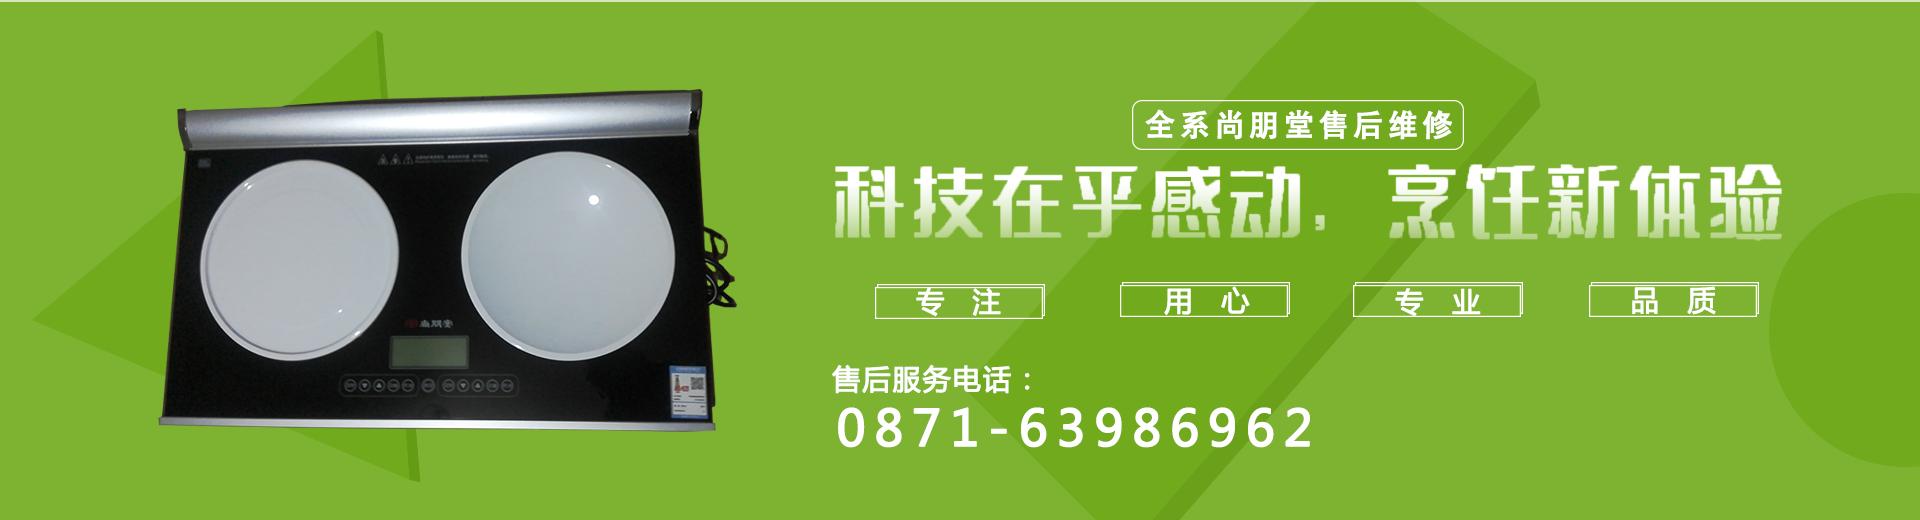 昆明尚朋堂电磁炉维修中心